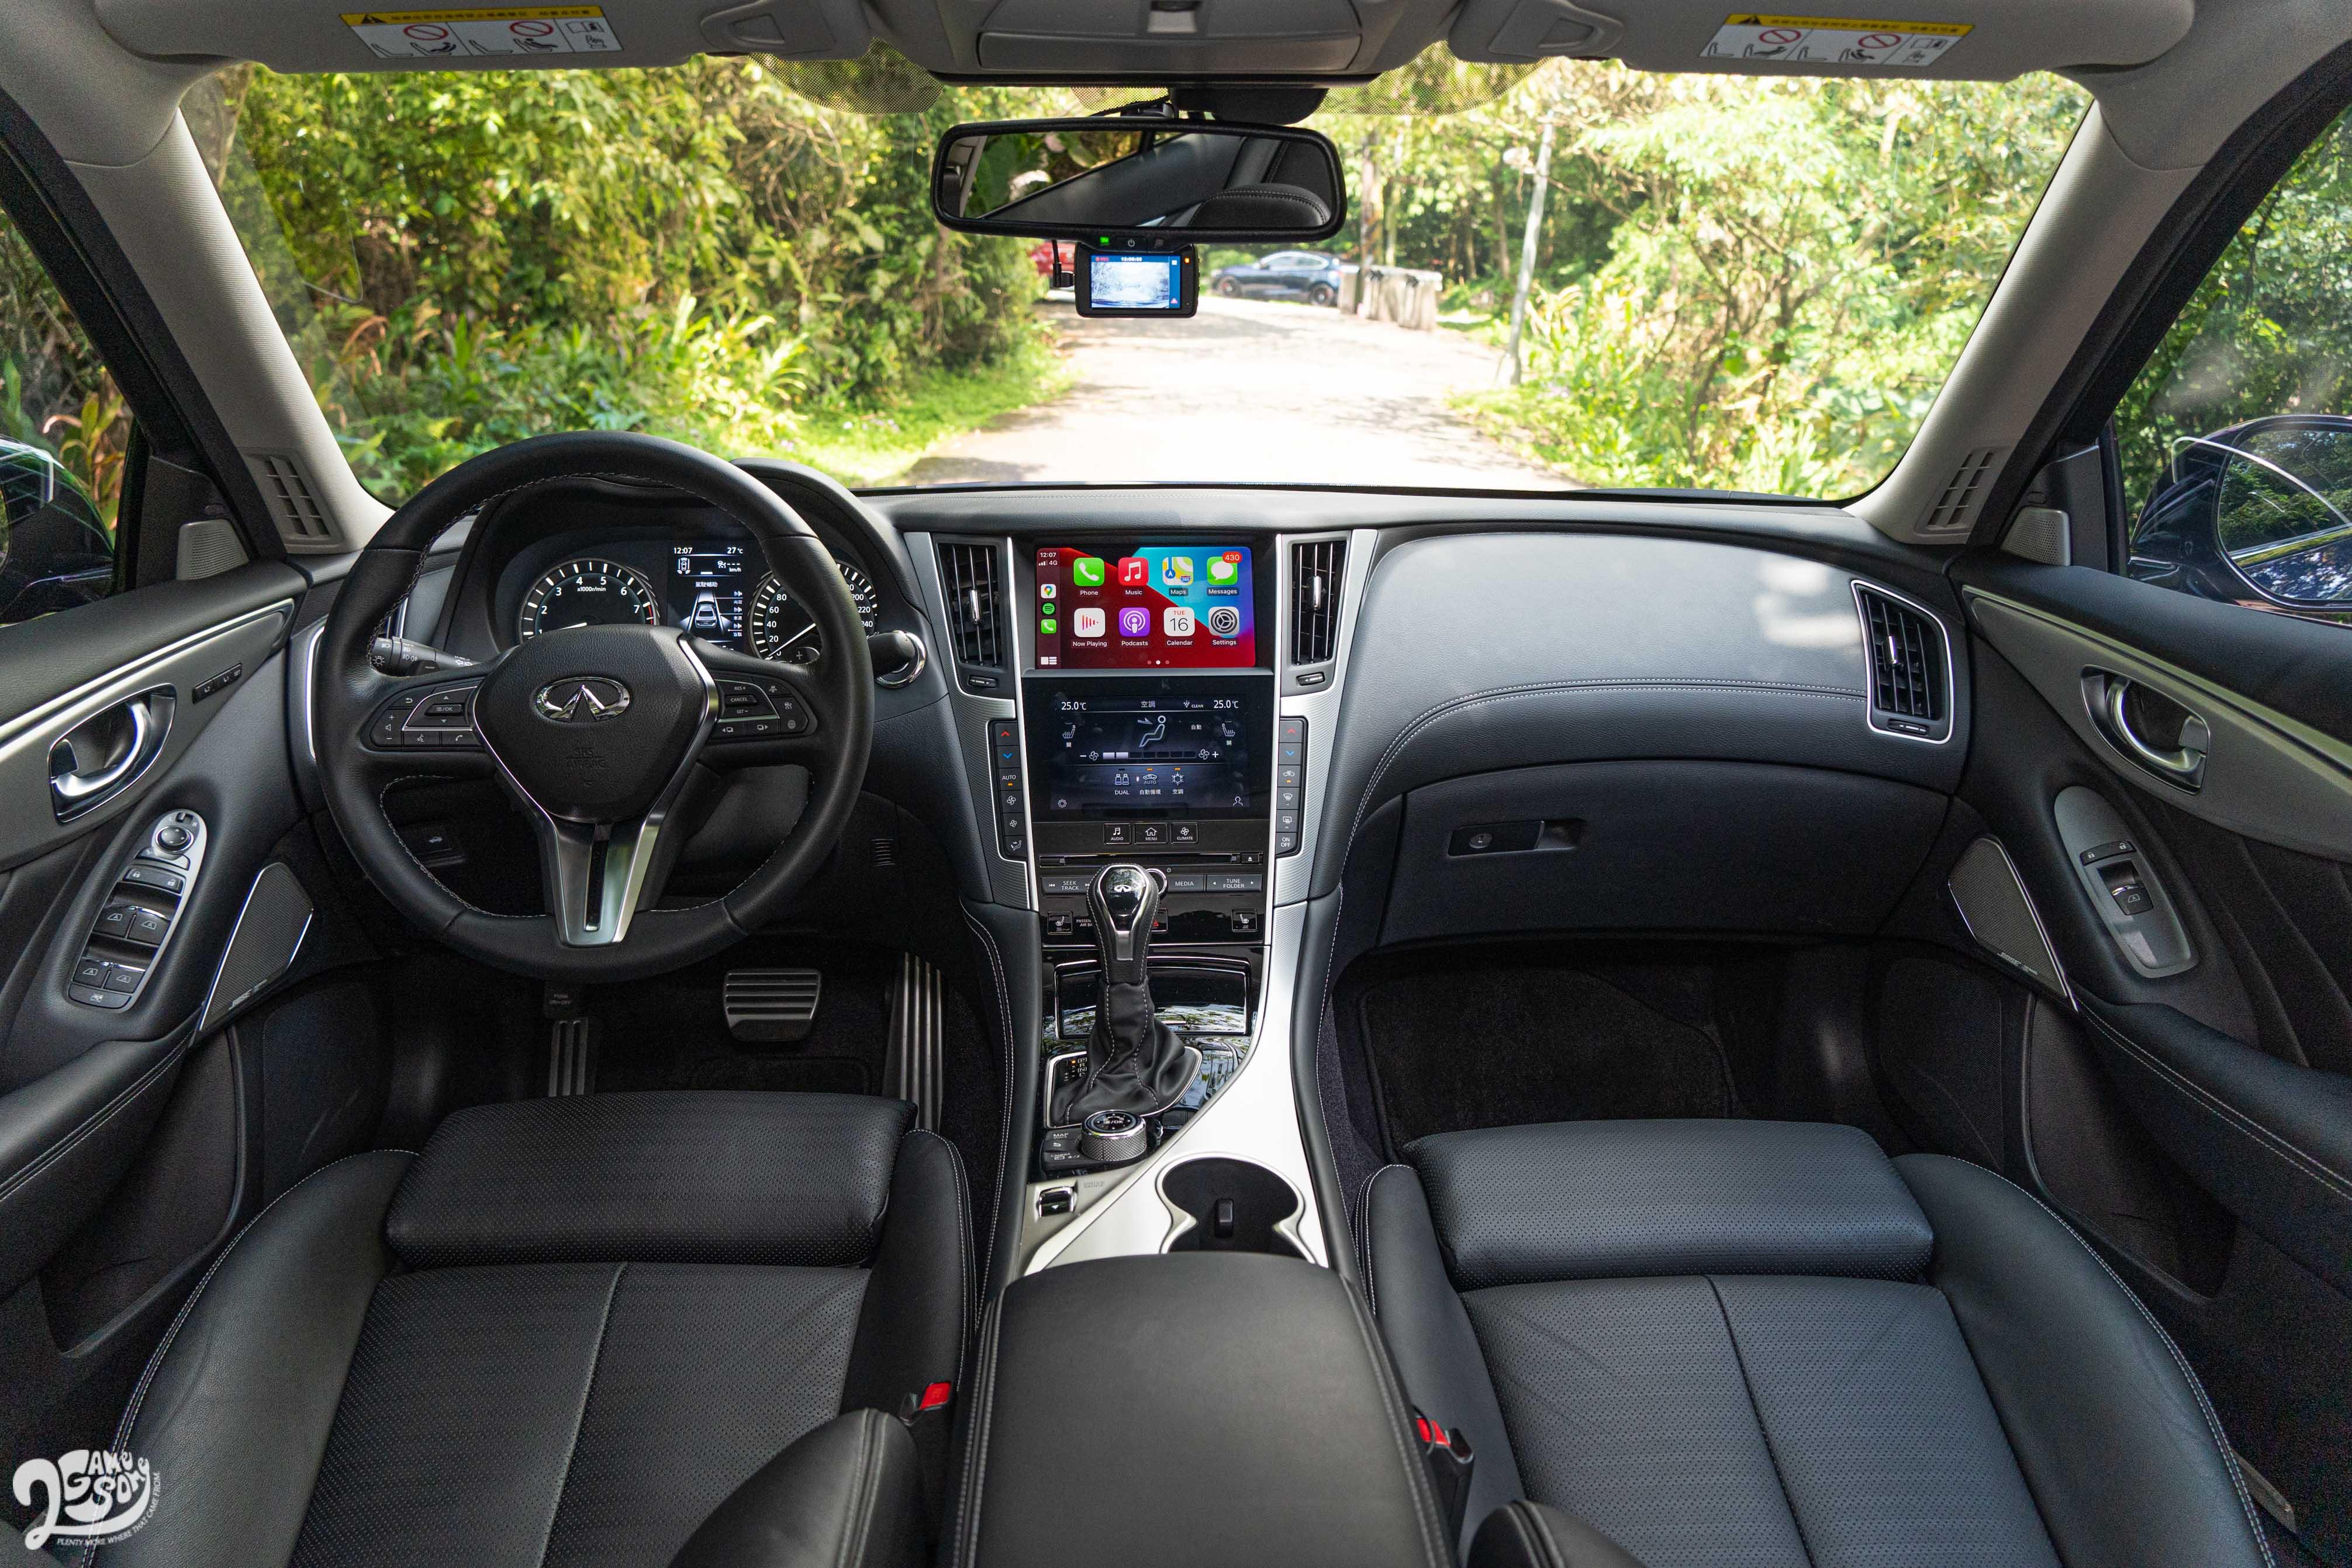 Q50 整體內裝與其他豪華房車相比,難免有些過時。